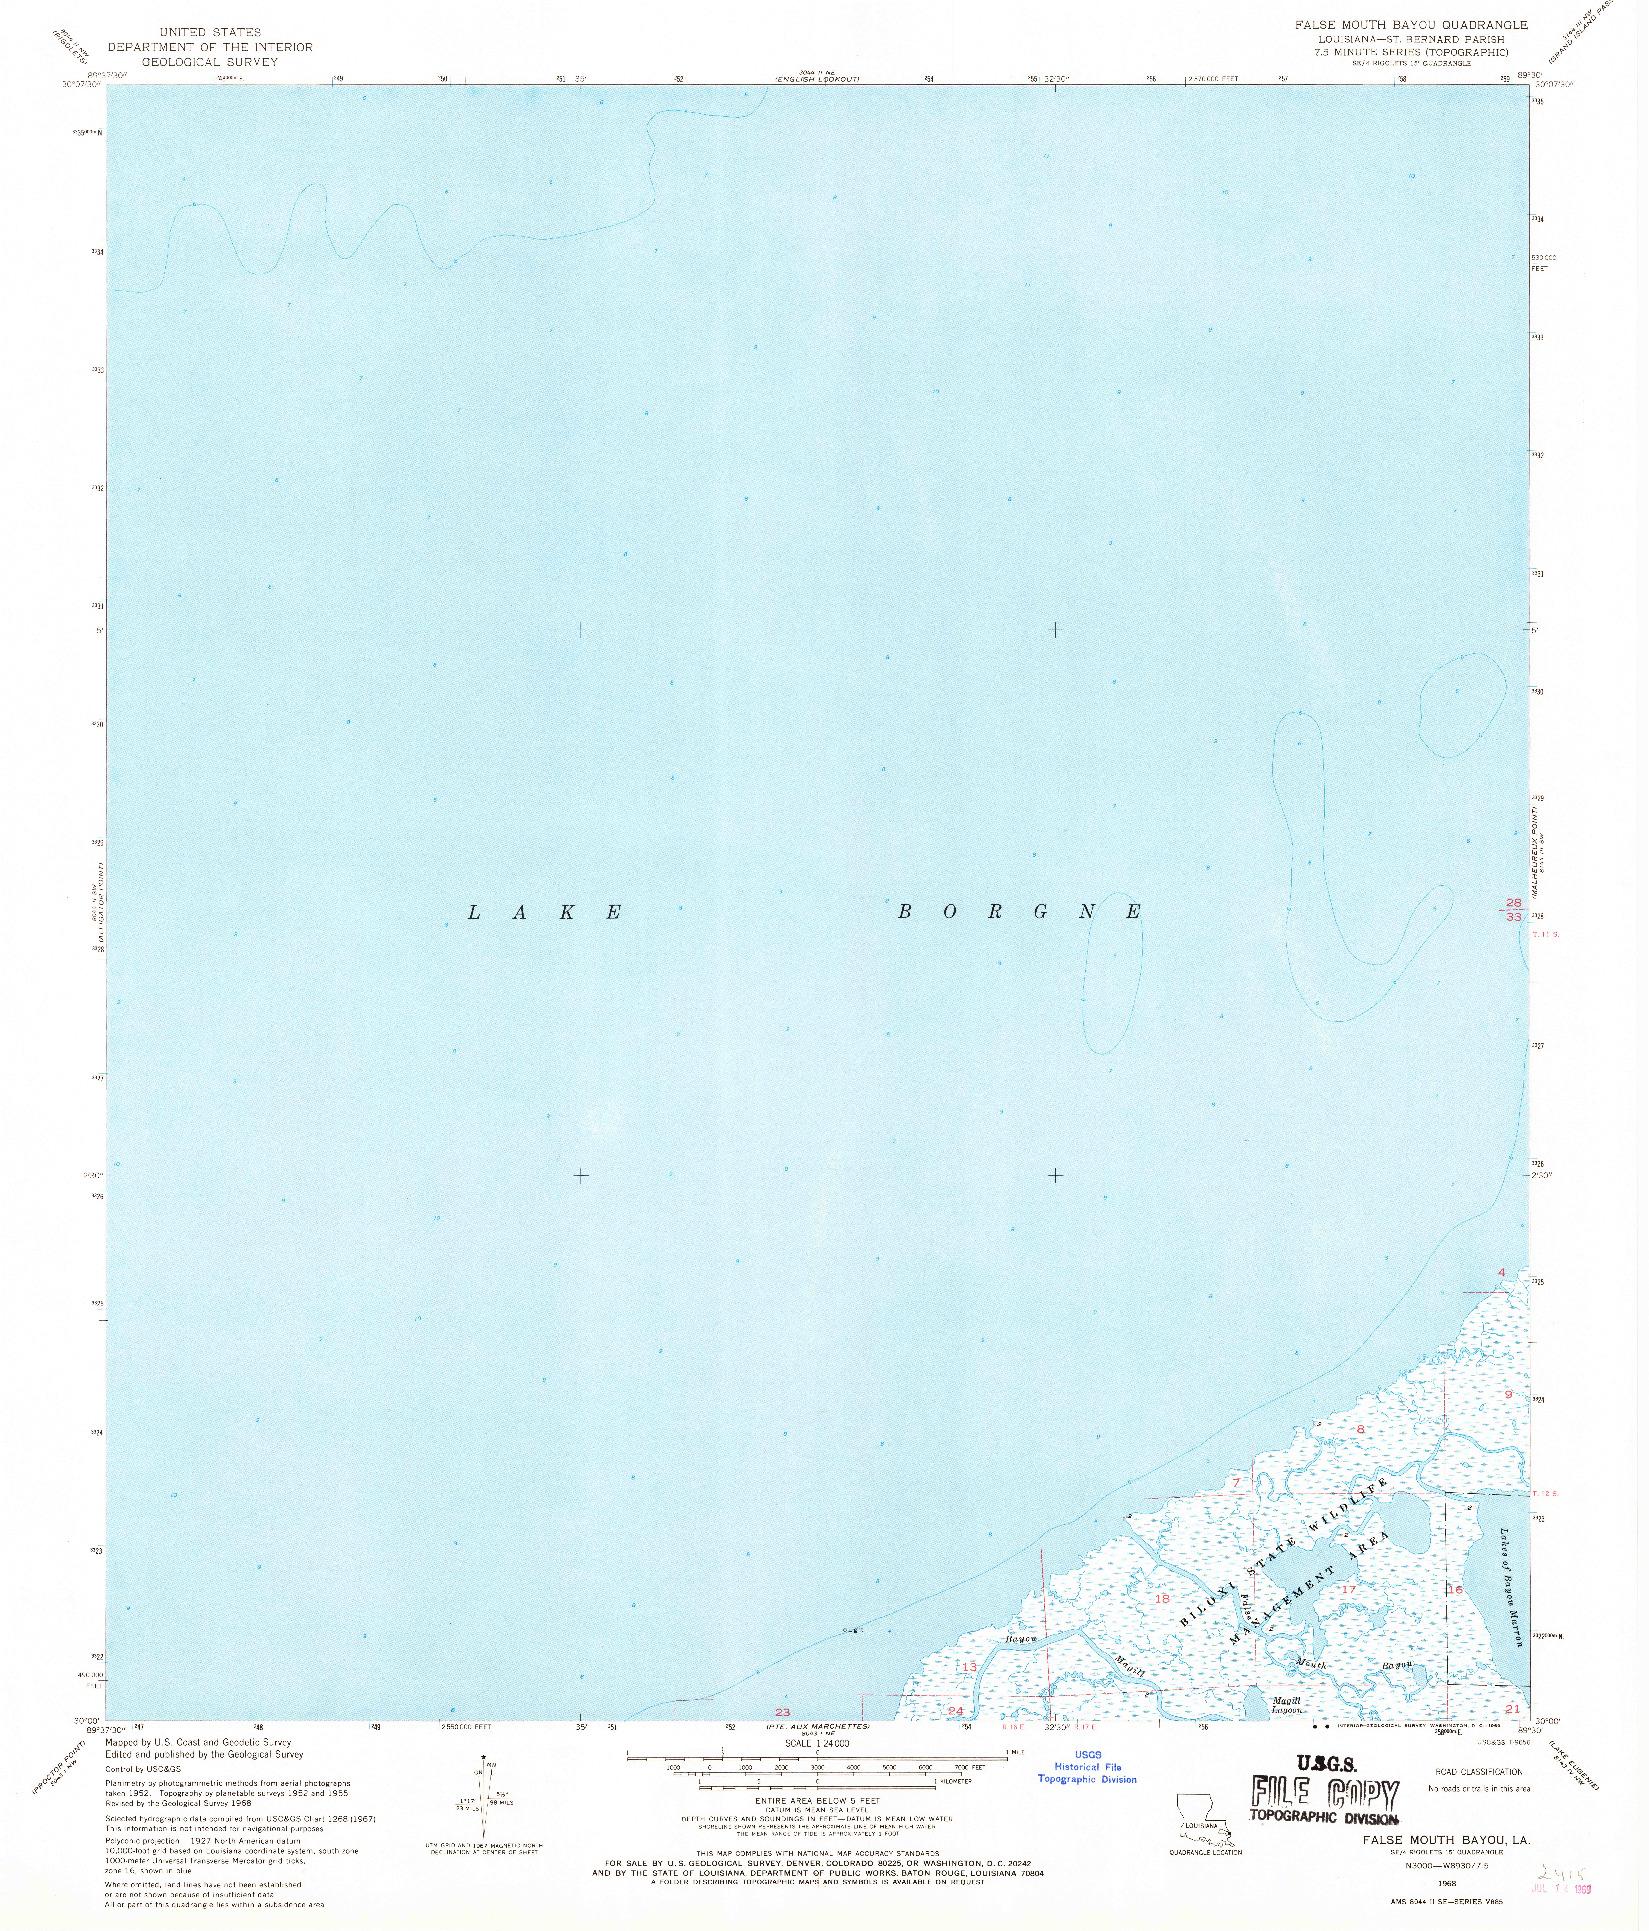 USGS 1:24000-SCALE QUADRANGLE FOR FALSE MOUTH BAYOU, LA 1968